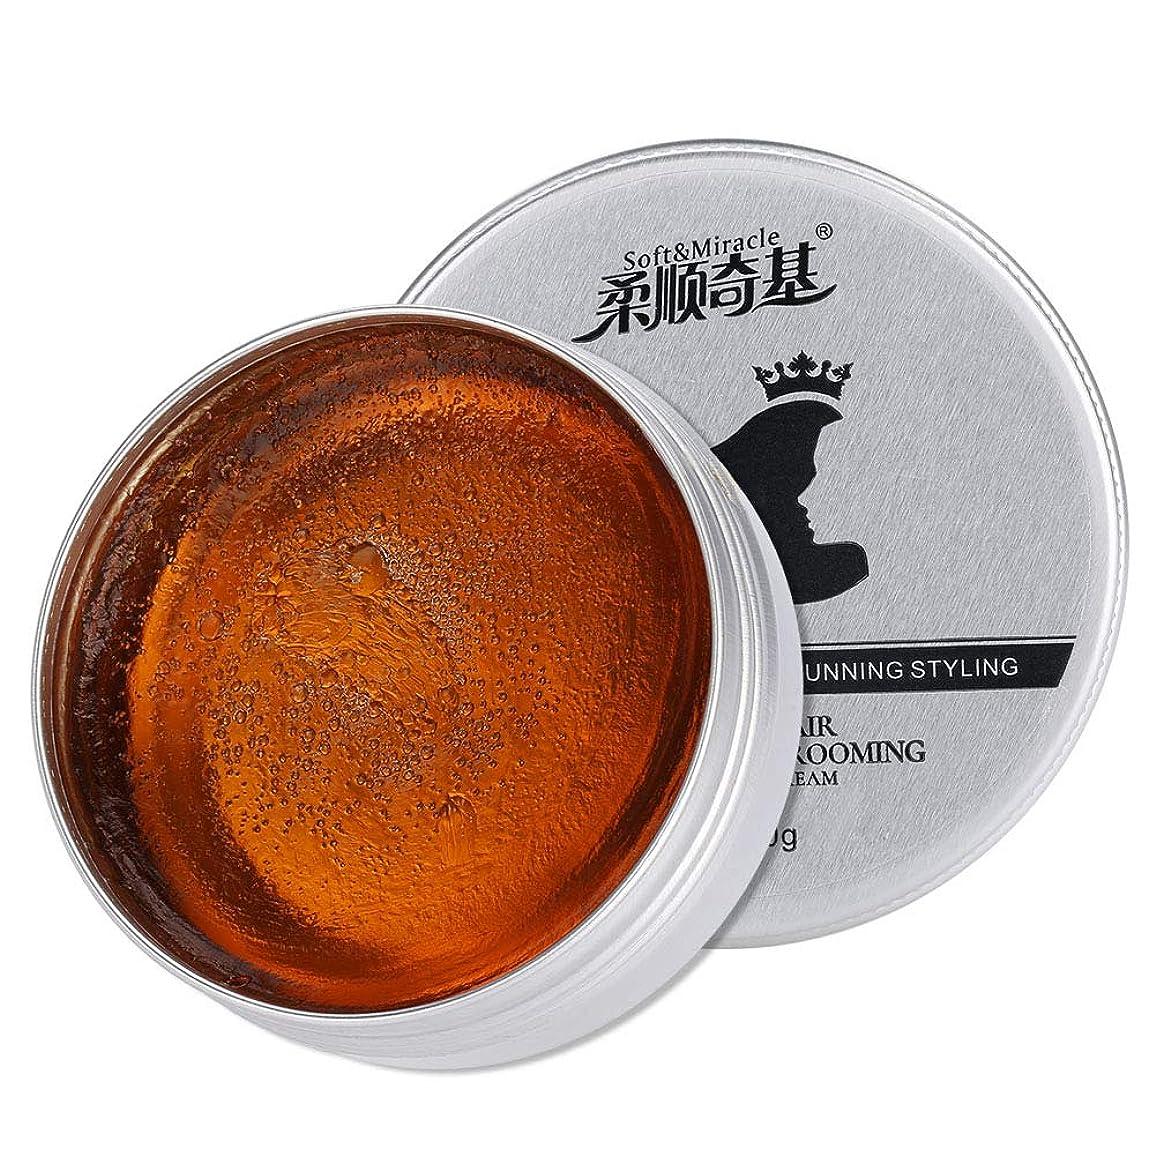 戸惑う前提条件保存Semmeナチュラルヘアワックス、水性ヘアスタイリングポマードヘアモデリングワックス30ml